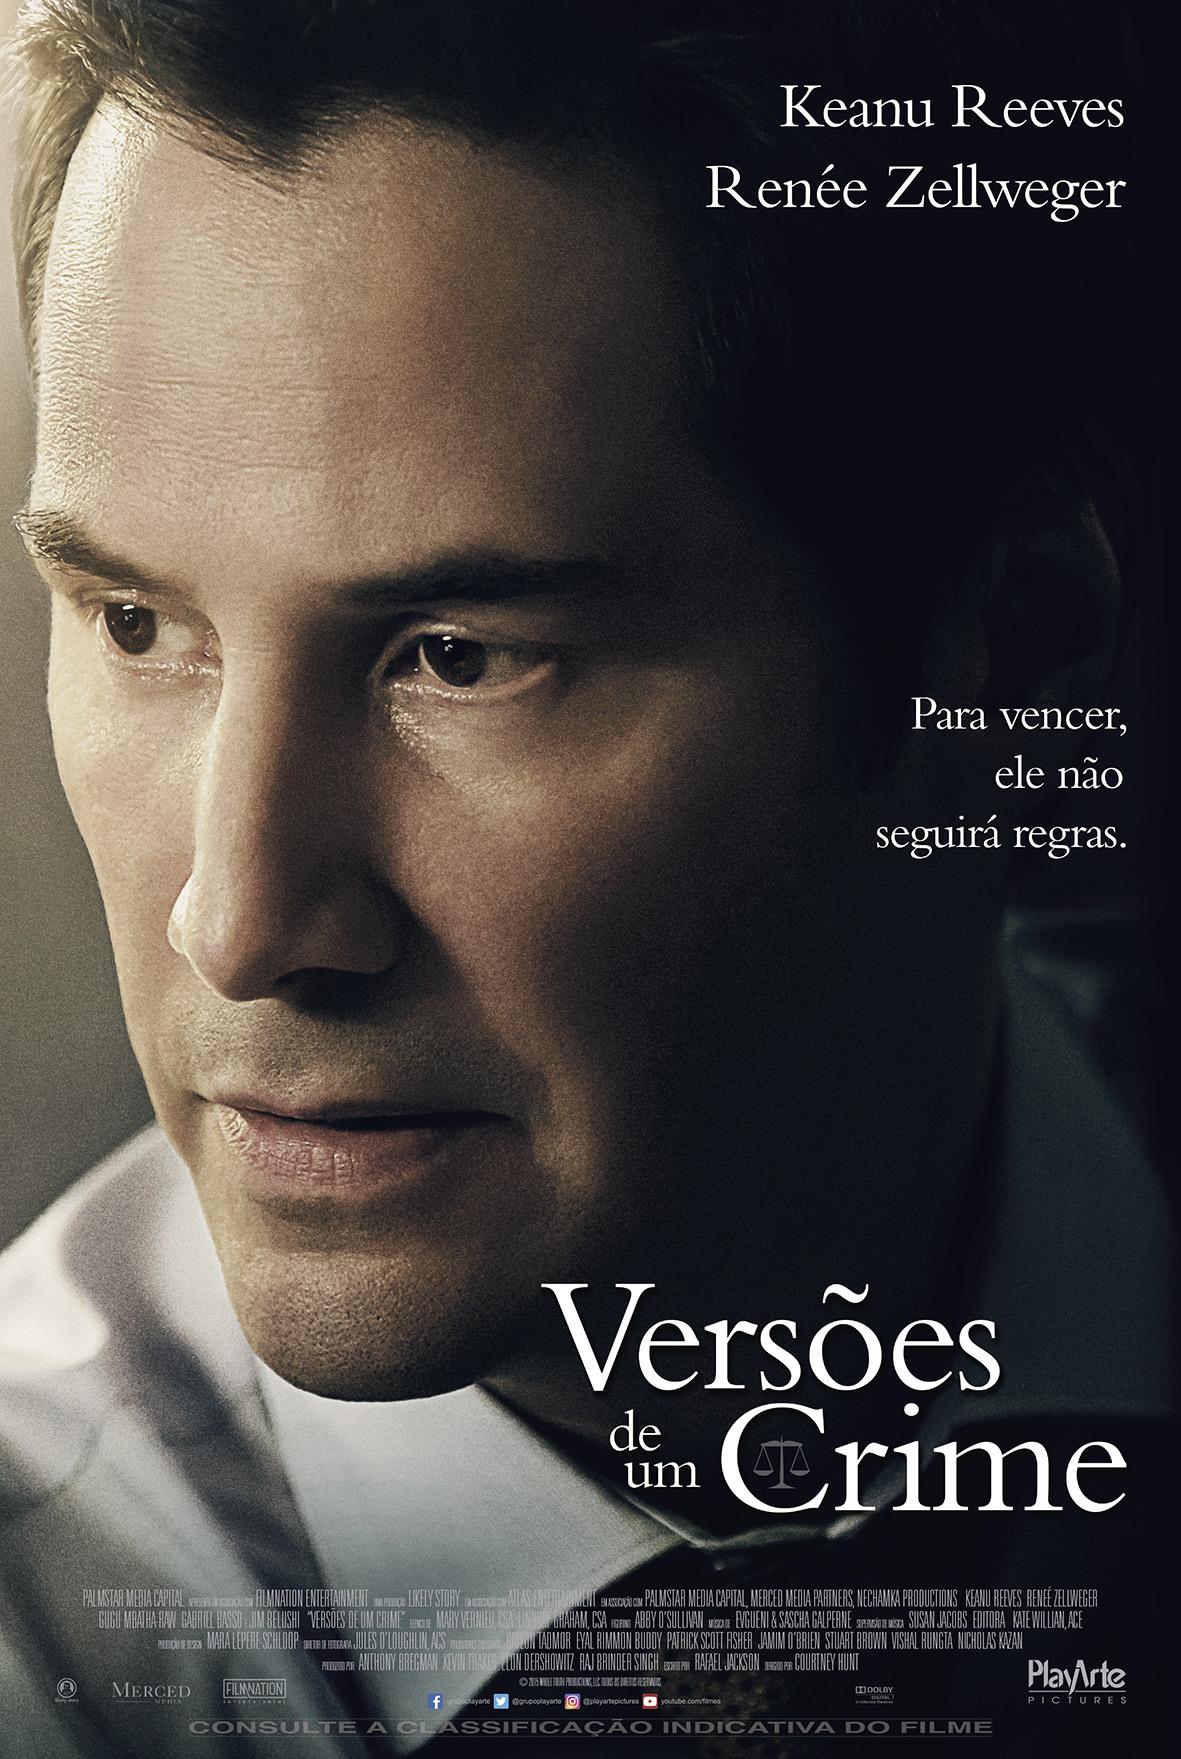 Filme Marcas Da Guerra with versões de um crime - filme 2016 - adorocinema